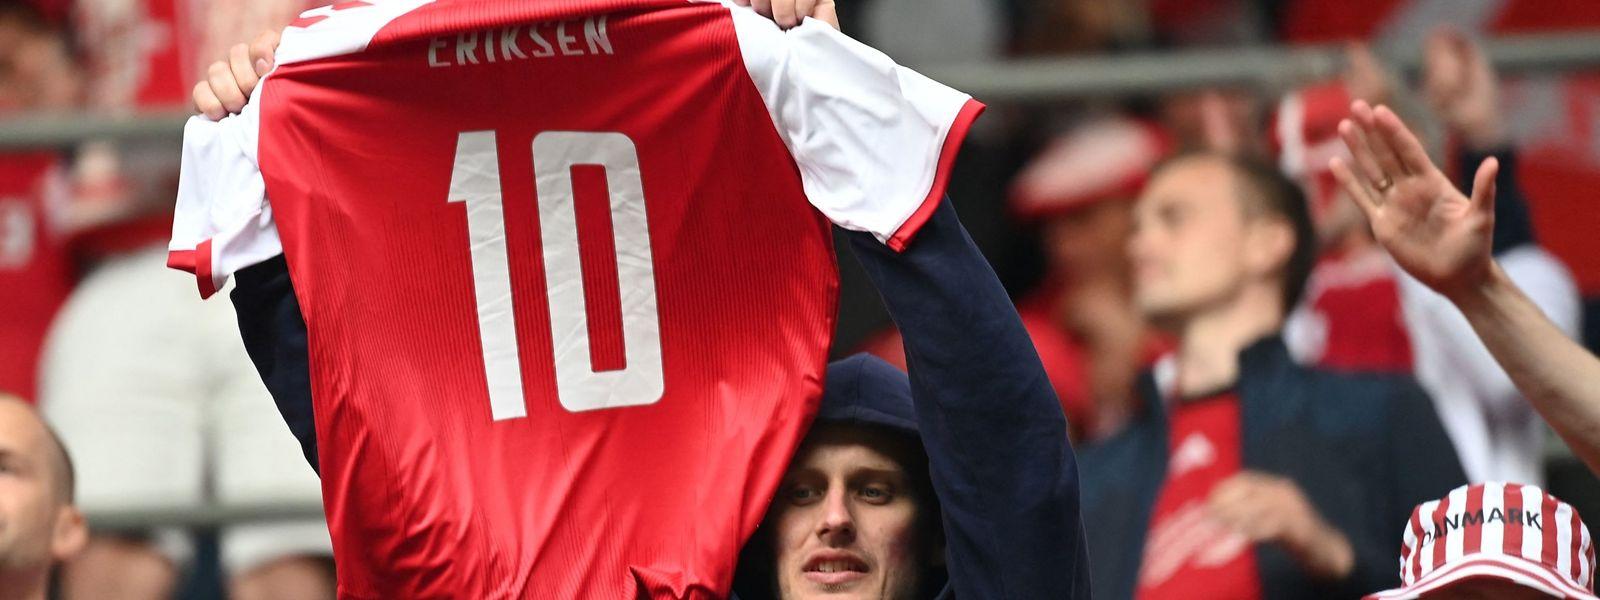 Ein Fan hält ein Trikot von Christian Eriksen in die Höhe.